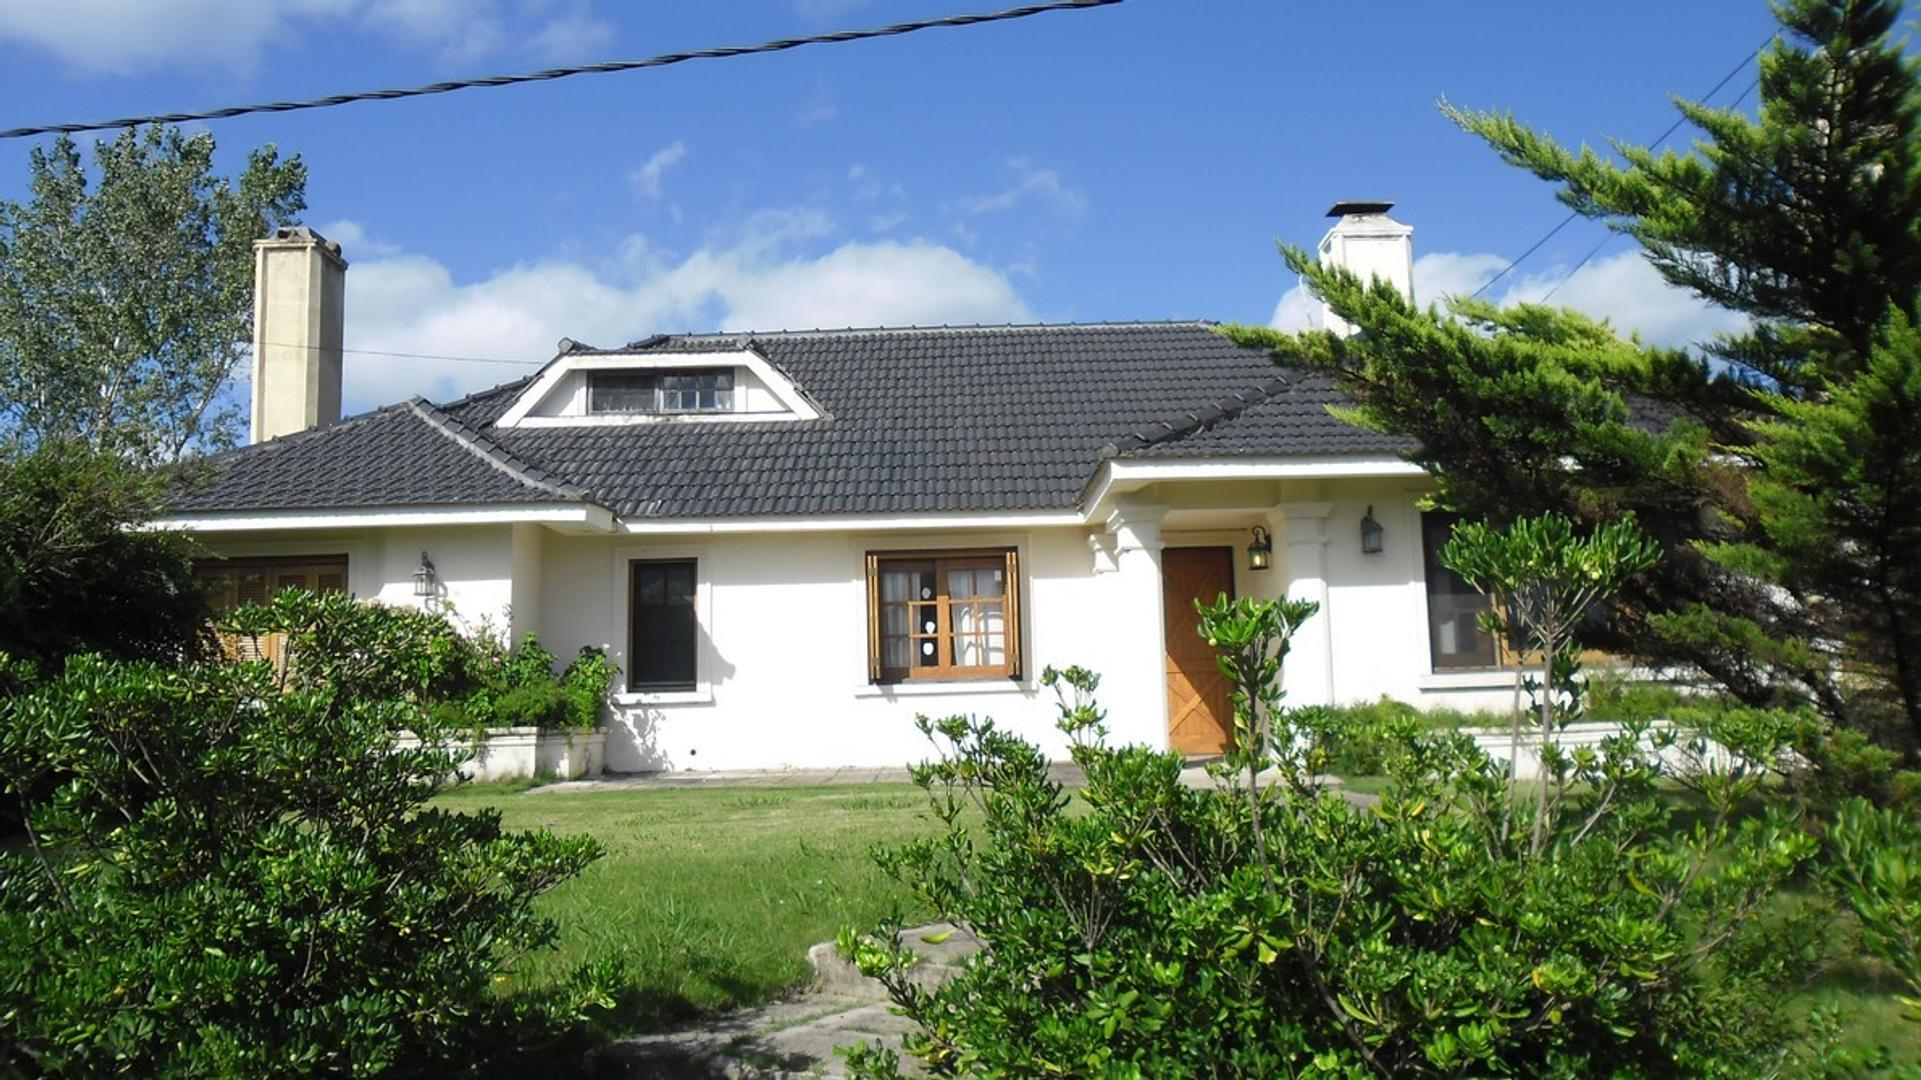 Casa en Venta en Pinares - 5 ambientes